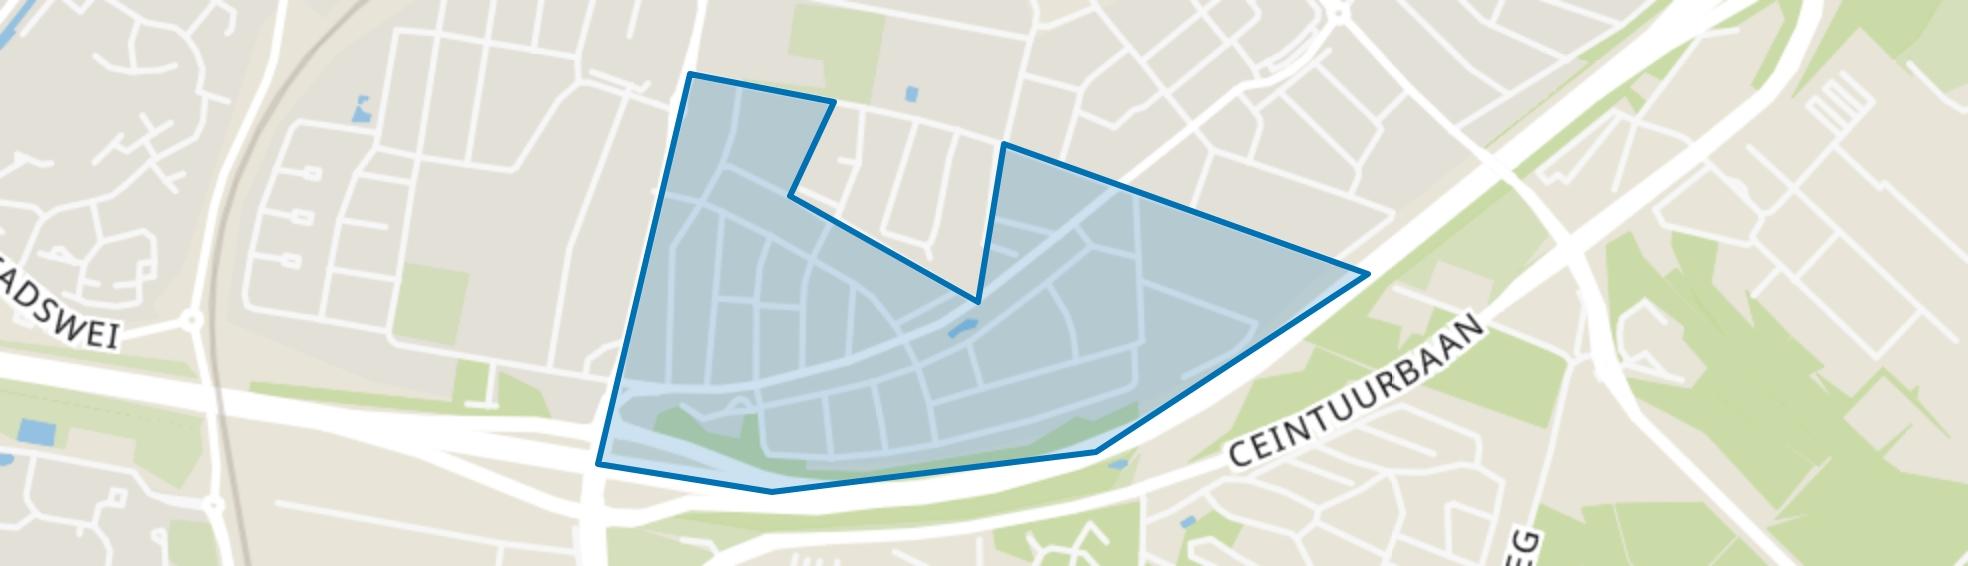 Veldkamp, Harderwijk map